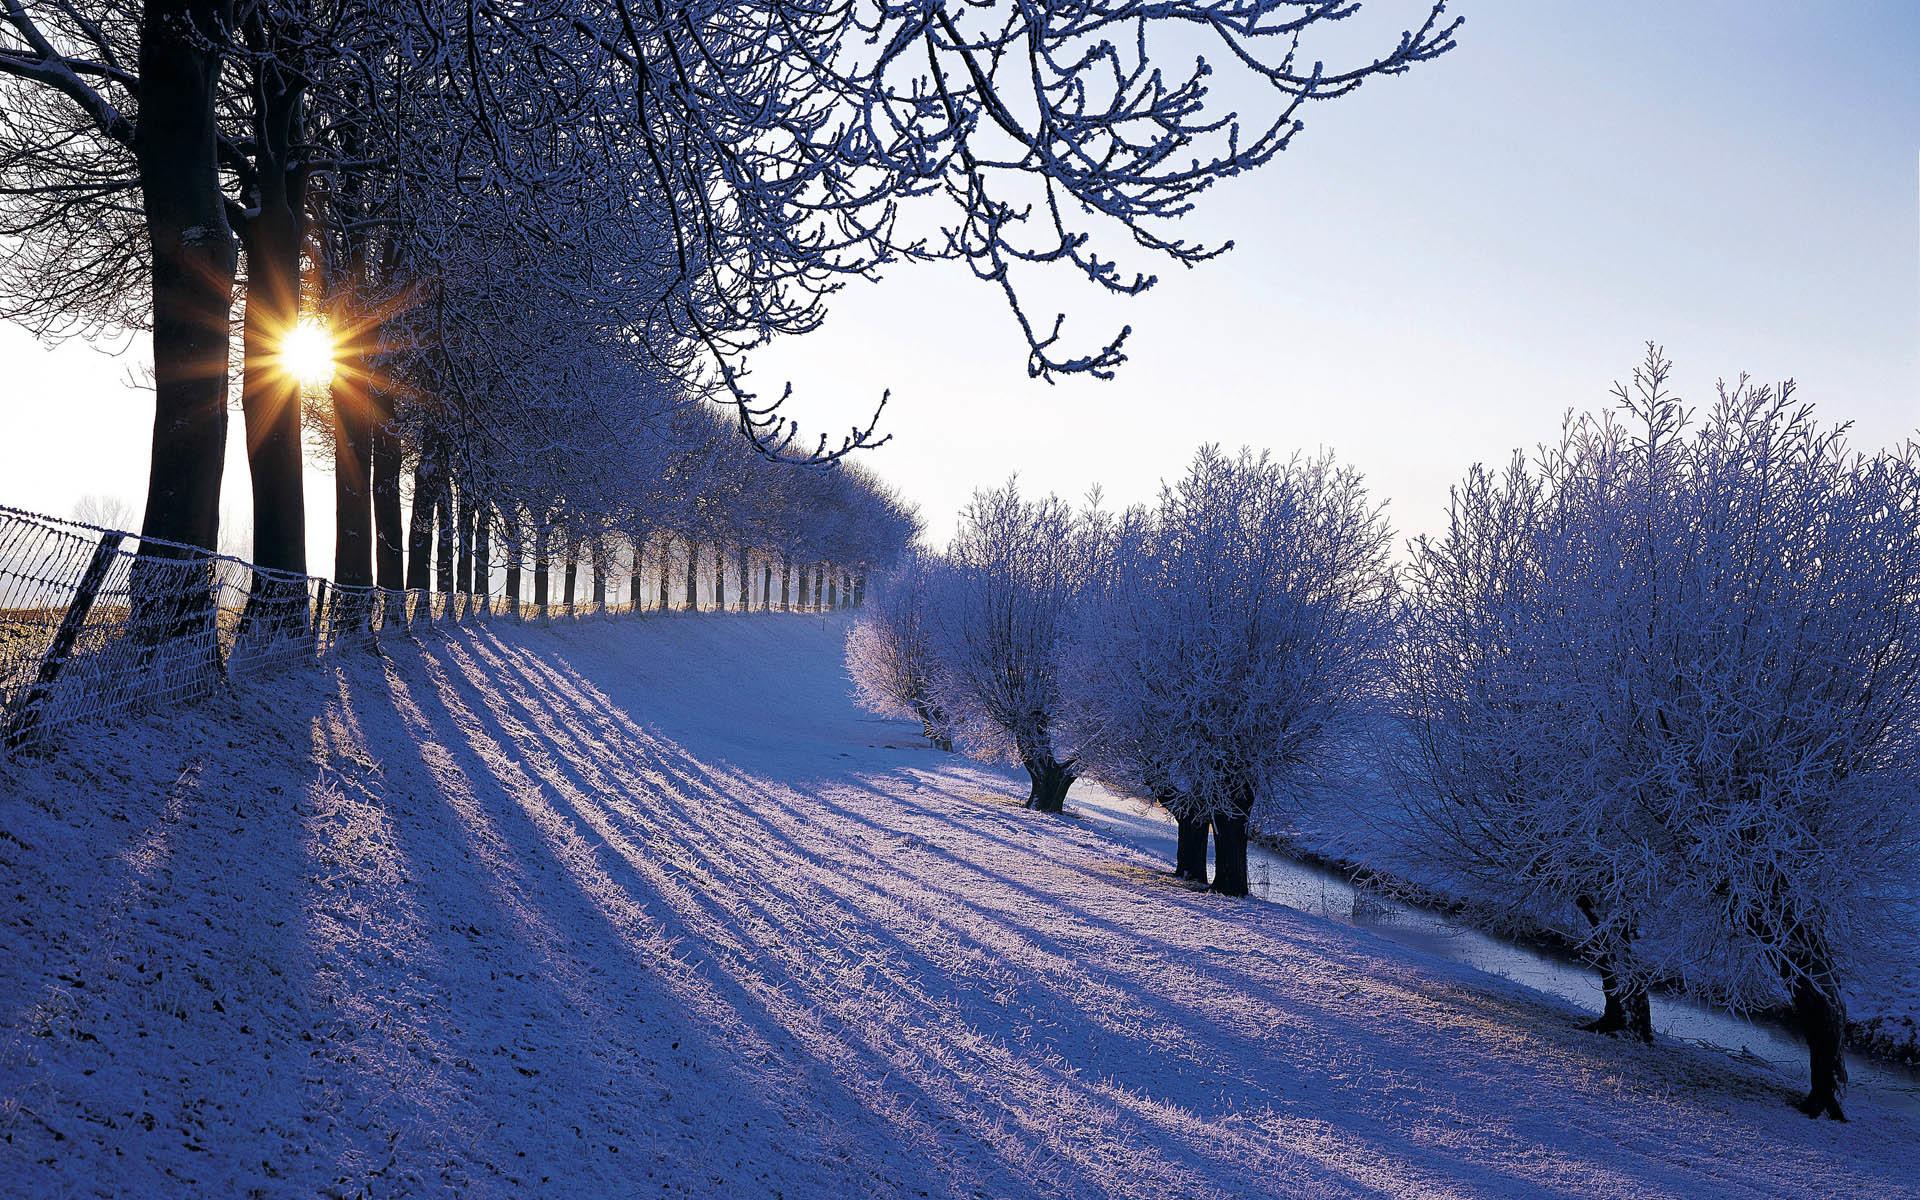 Beautiful winter scenery Winter Wallpaper Winter snowfall beautiful  Wallpaper Beauty of nature in Winter Sunlight in .